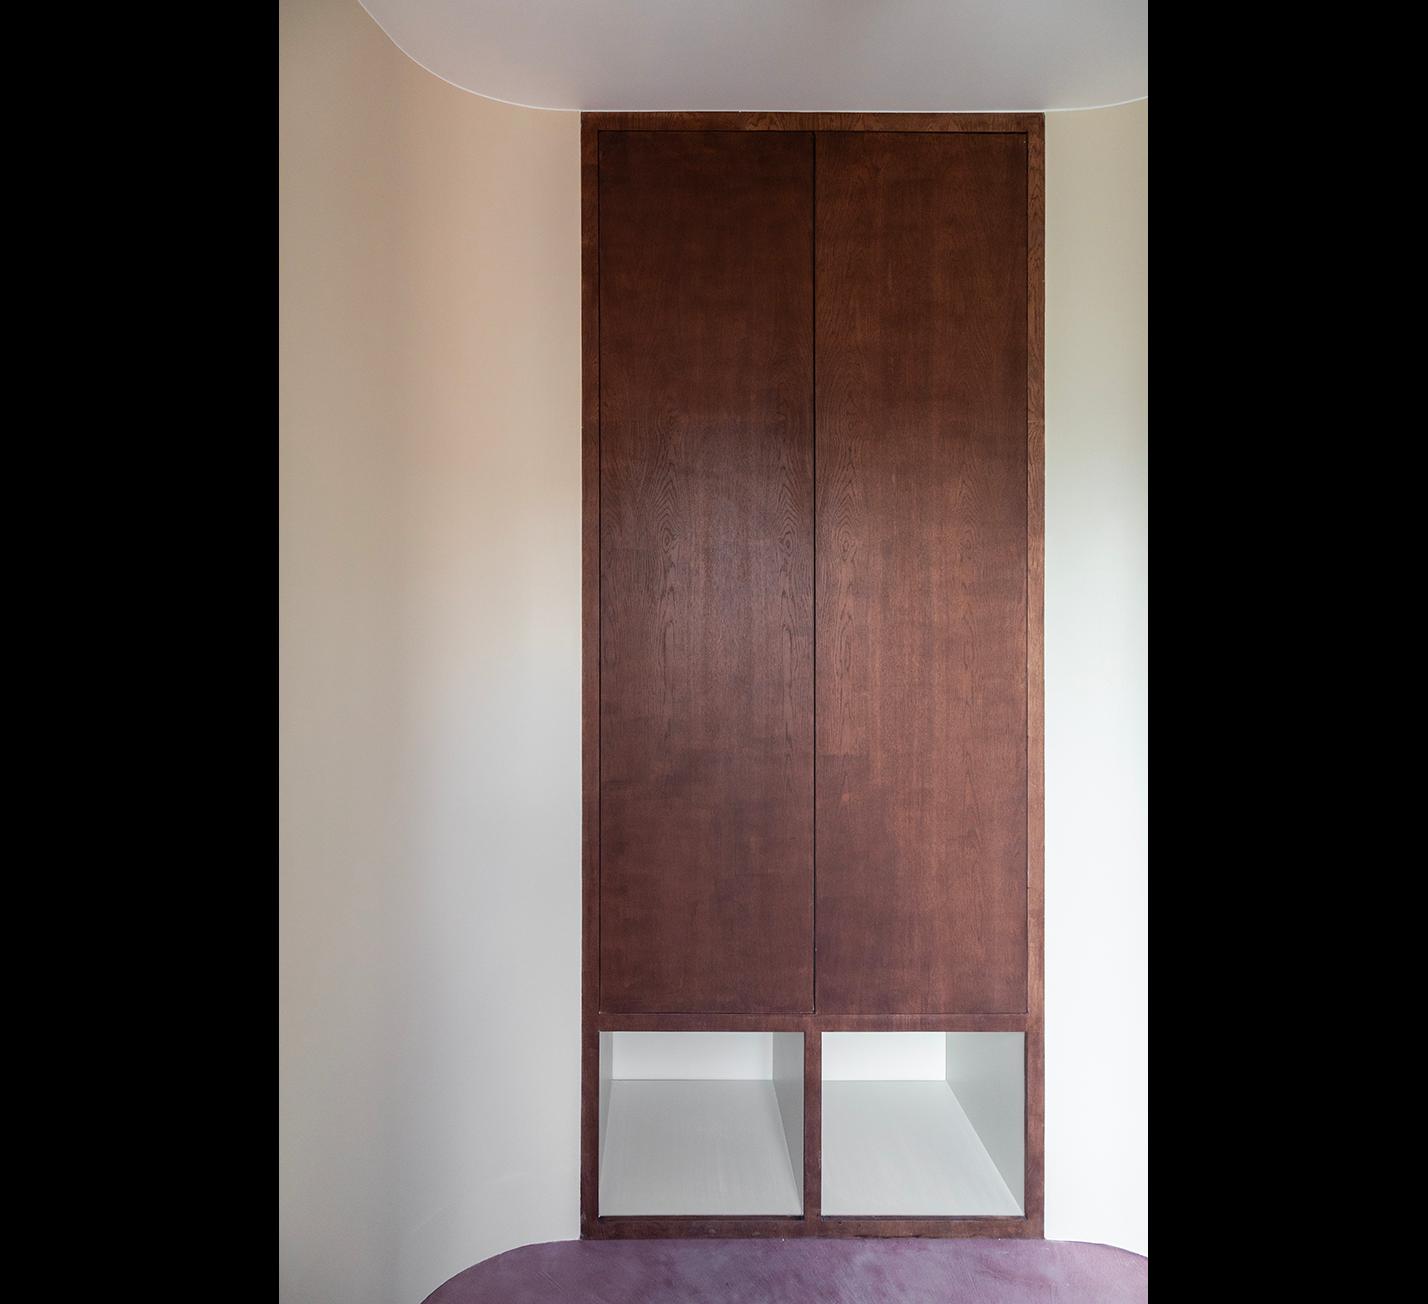 Appartement-Léon-paris-rénovation-architecture-paris-construction-atelier-steve-pauline-borgia-11